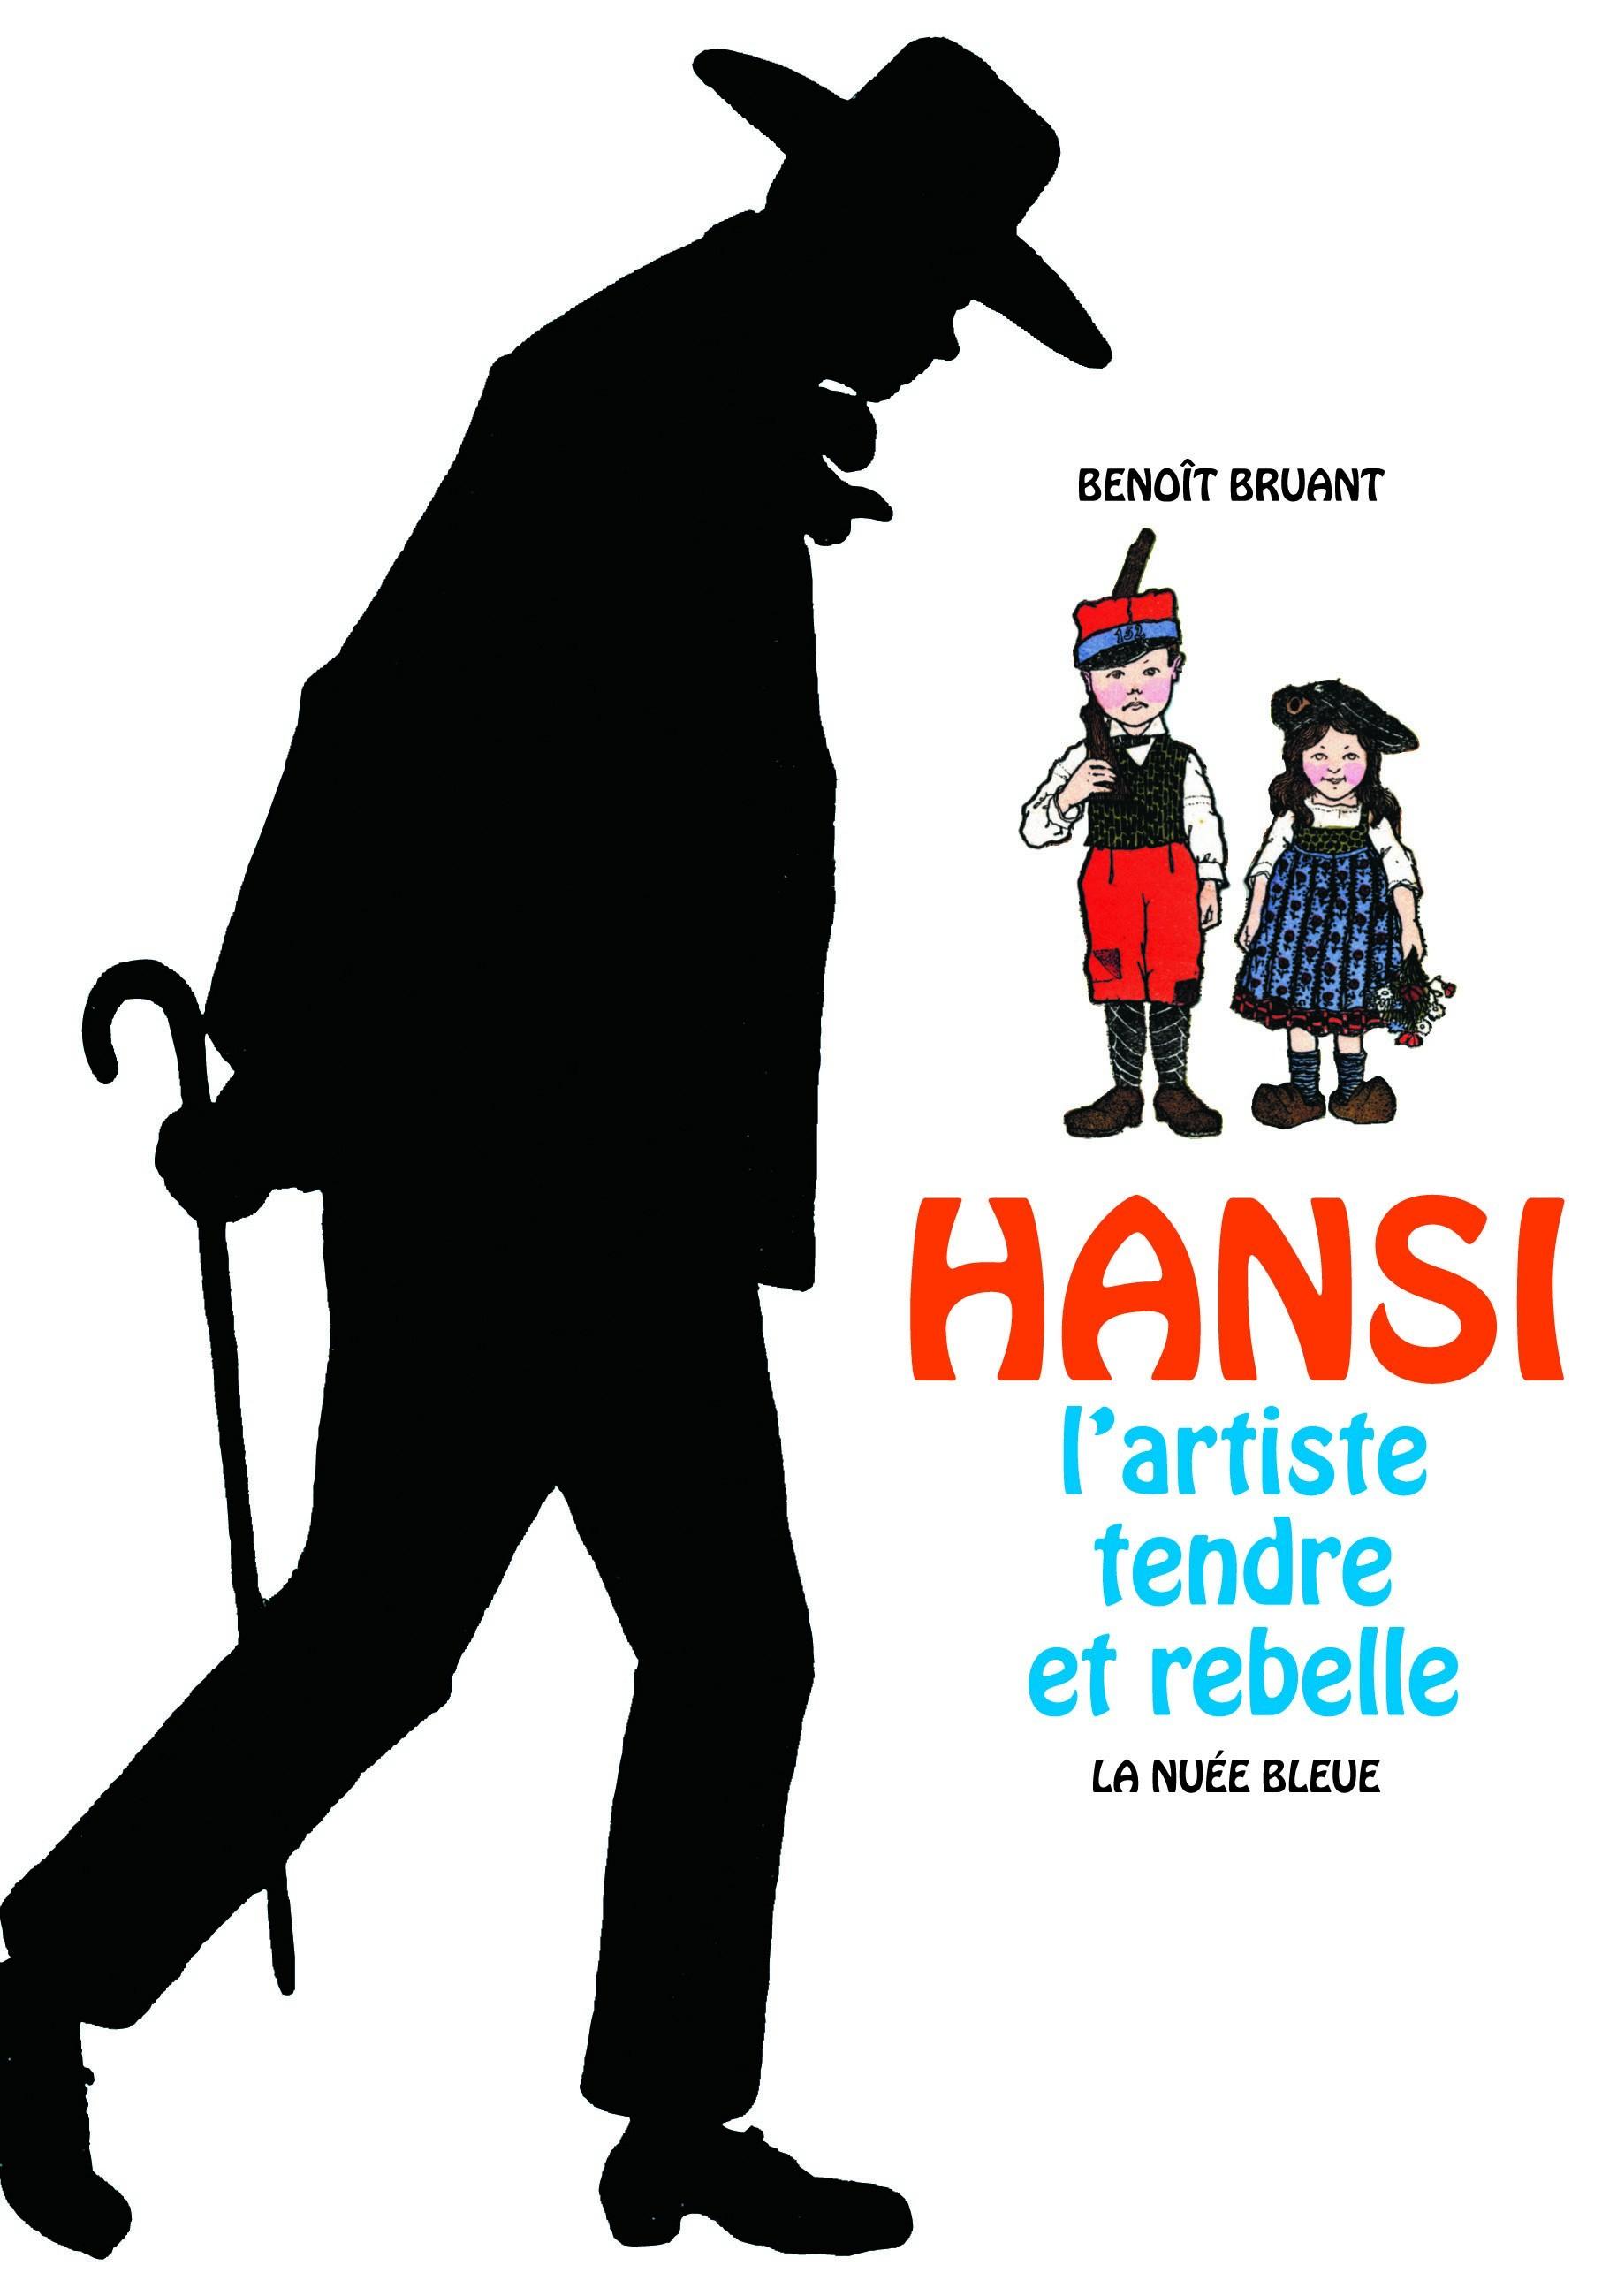 Hansi, l'artiste tendre et rebelle